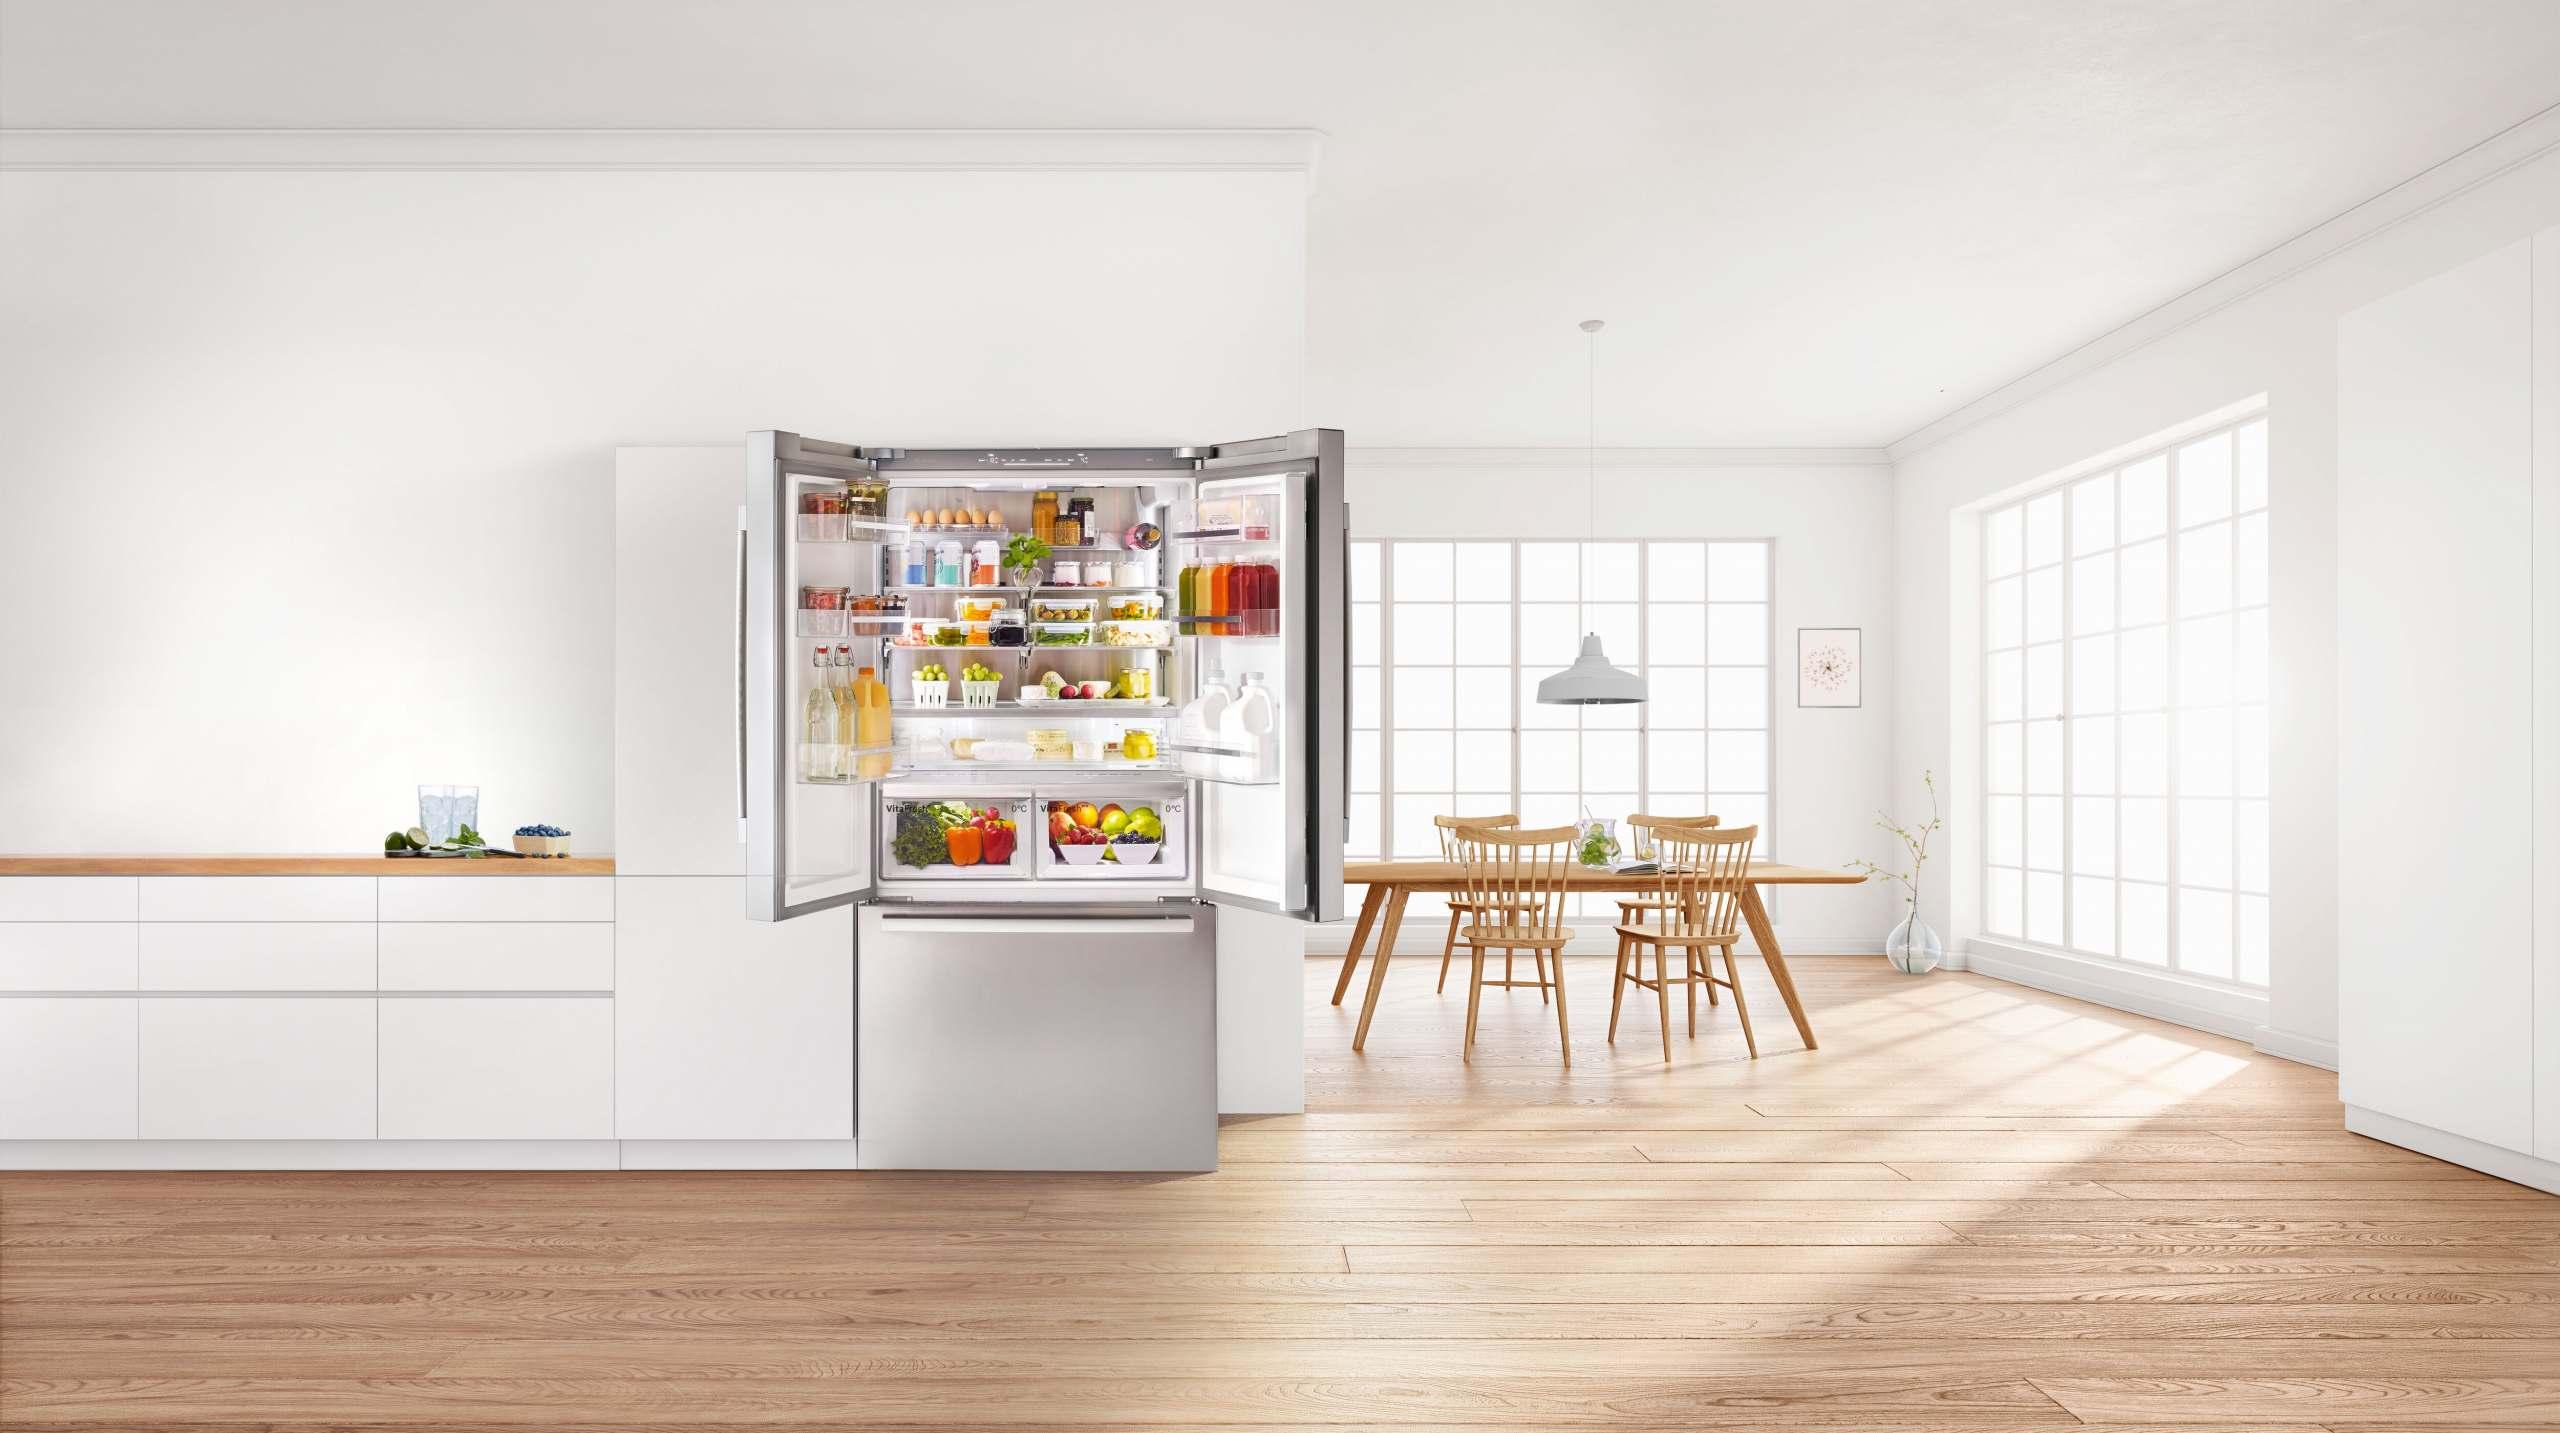 French Door Kühlschränke Serie 4, 6 und 8